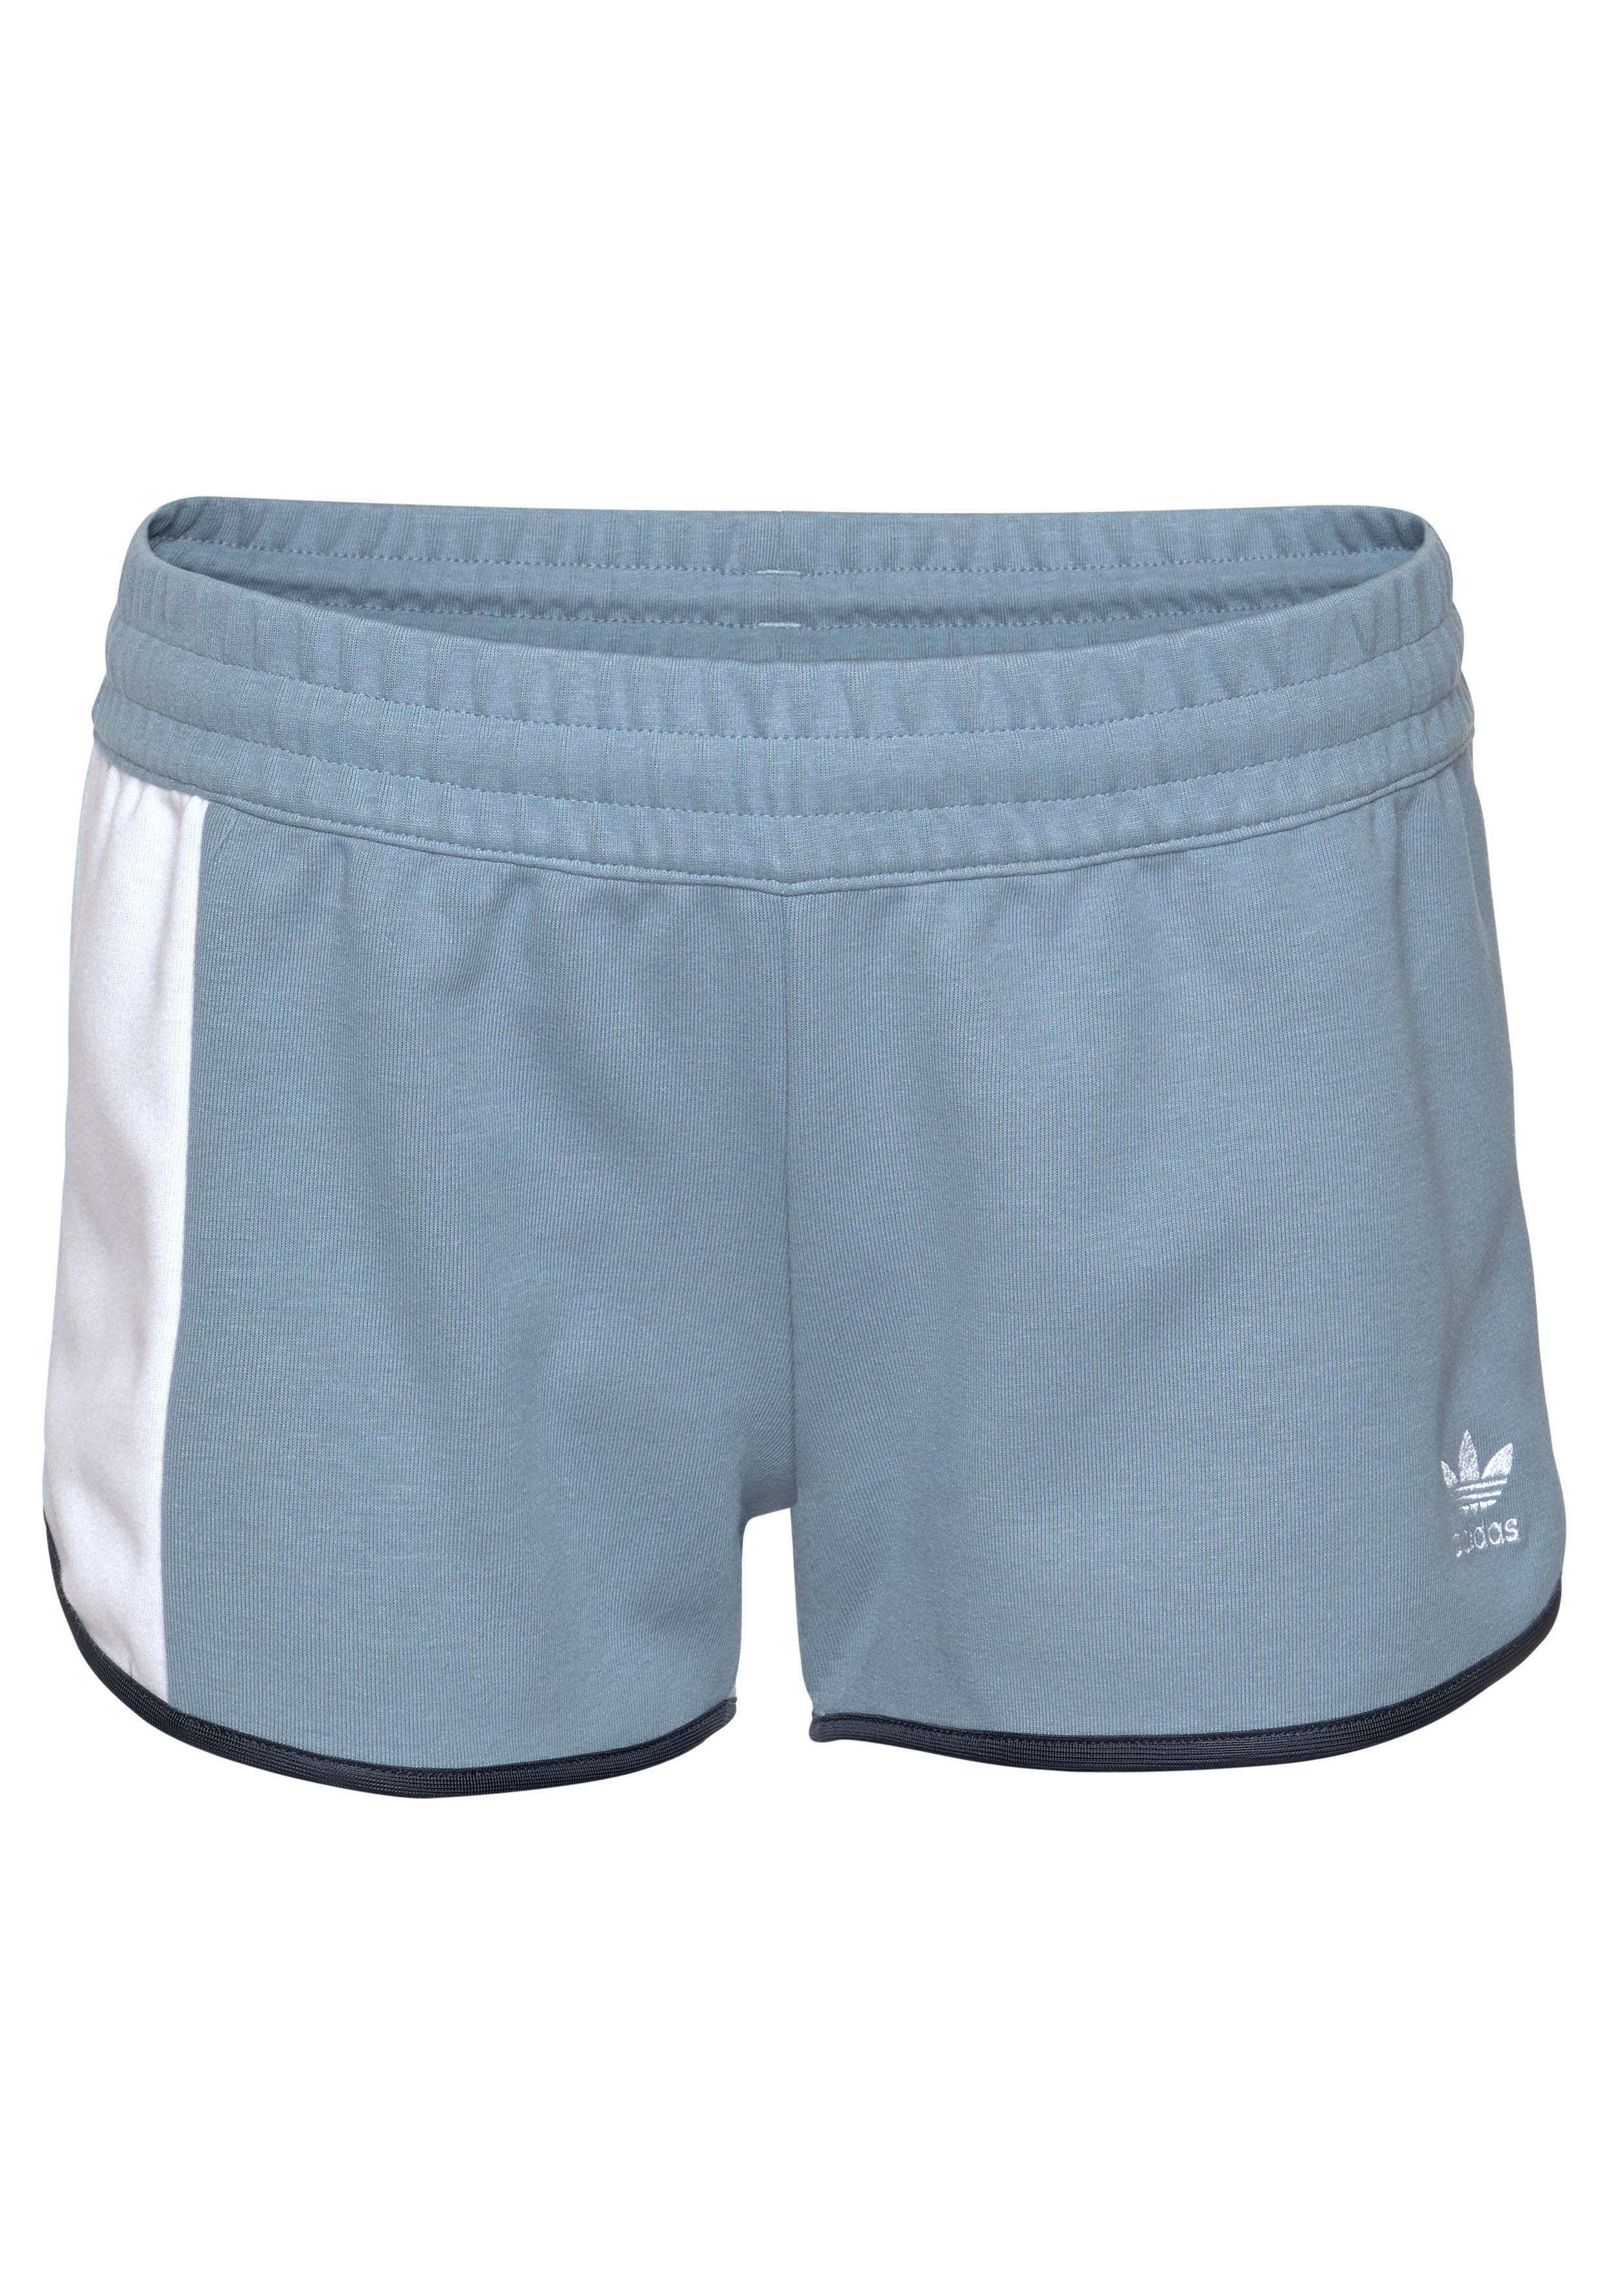 Shortai Originals Kopen Online Shorts Adidas EIW2eDYH9